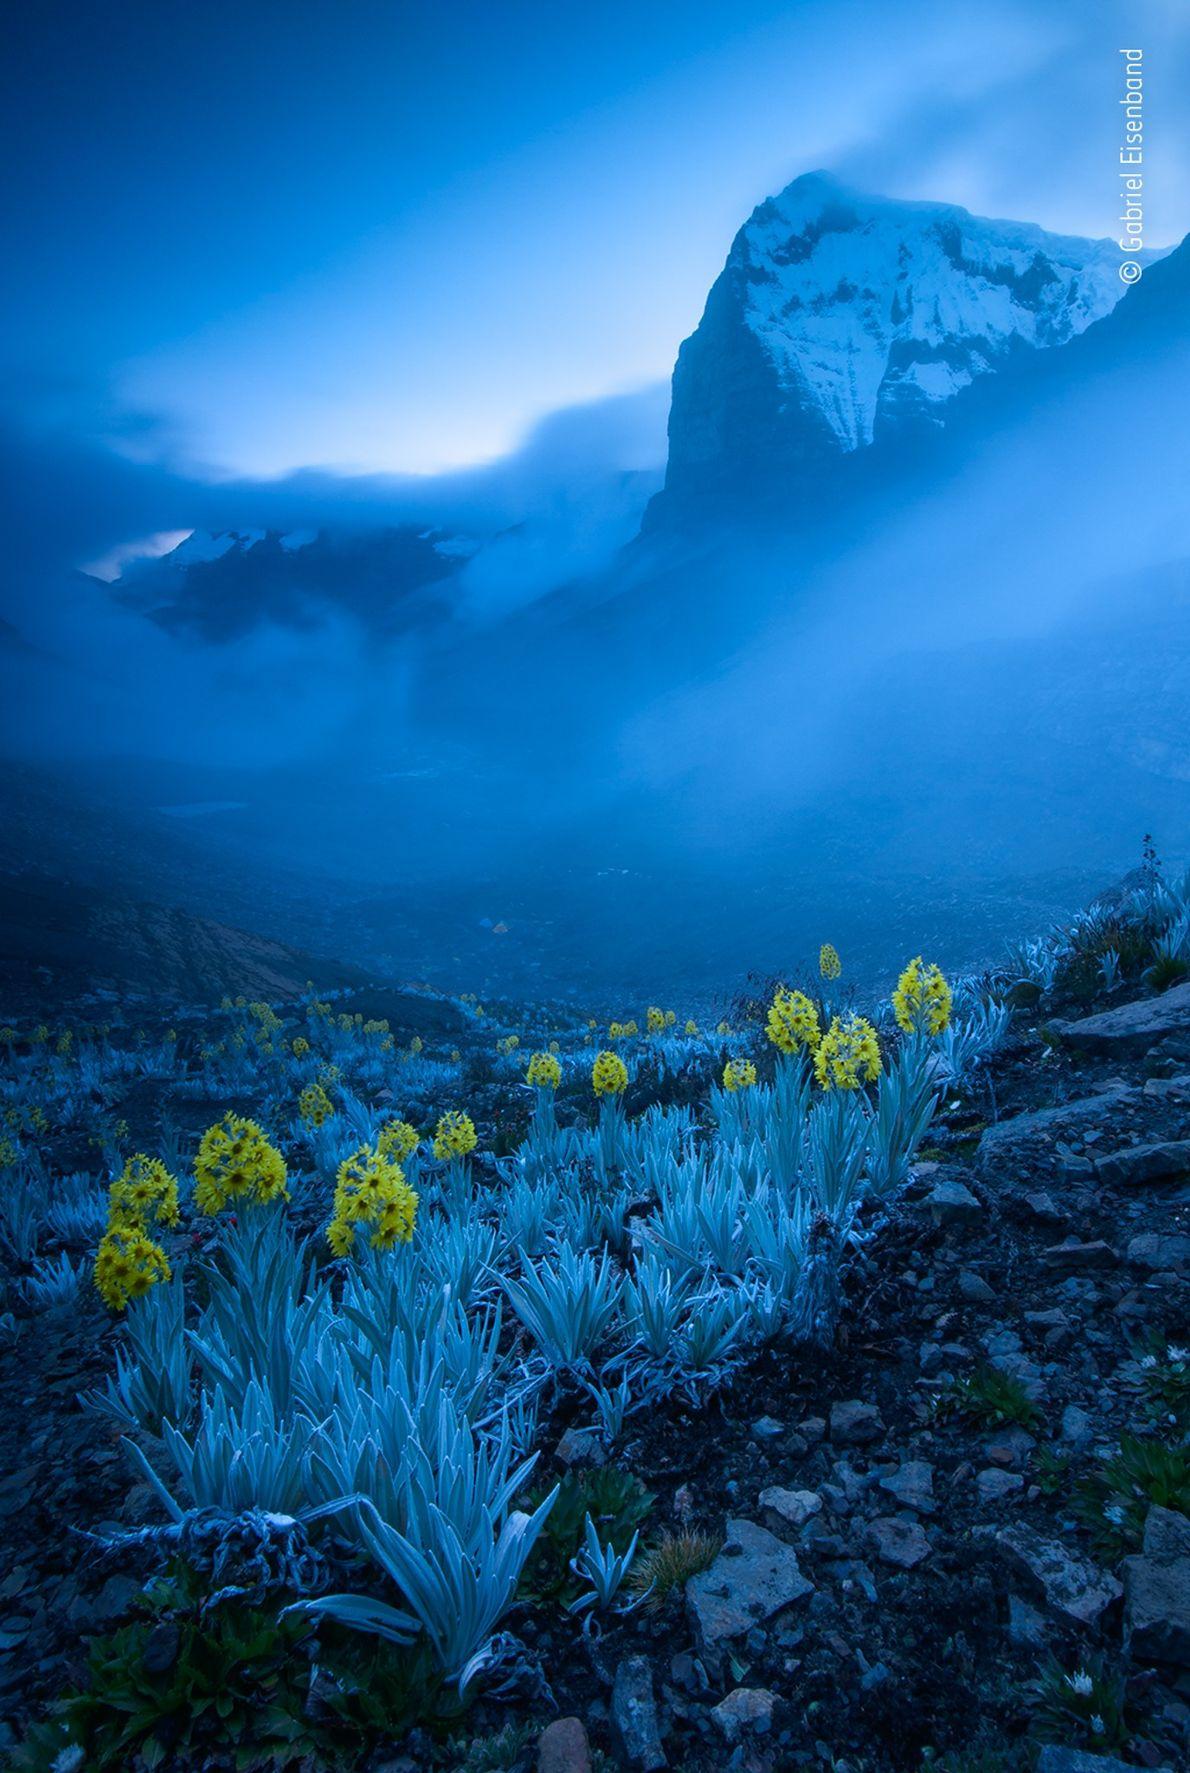 Gabriel Eisenband est l'auteur de cette photographie de fleurs d'arnica blanche, une espèce endémique de Colombie. Elle ...